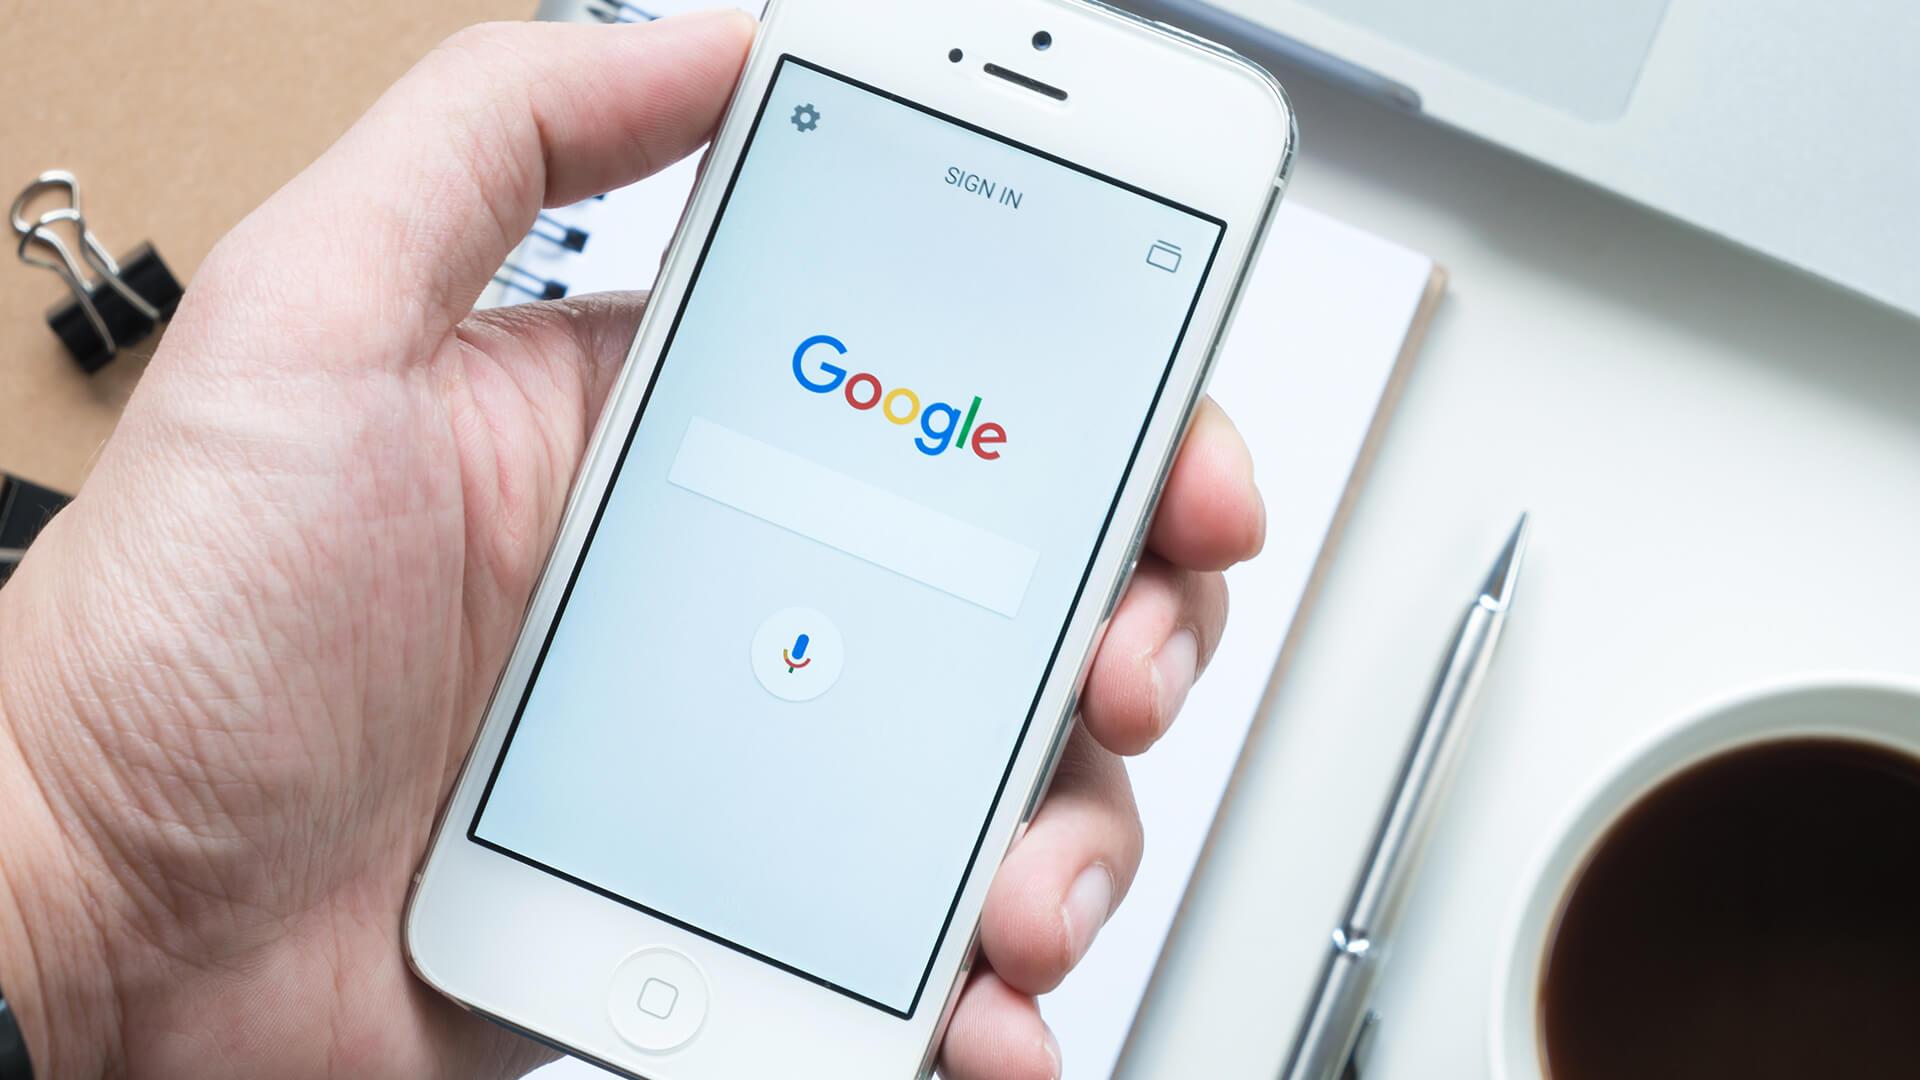 چه تعداد روی تبلیغات گوگل کلیک میکنند؟